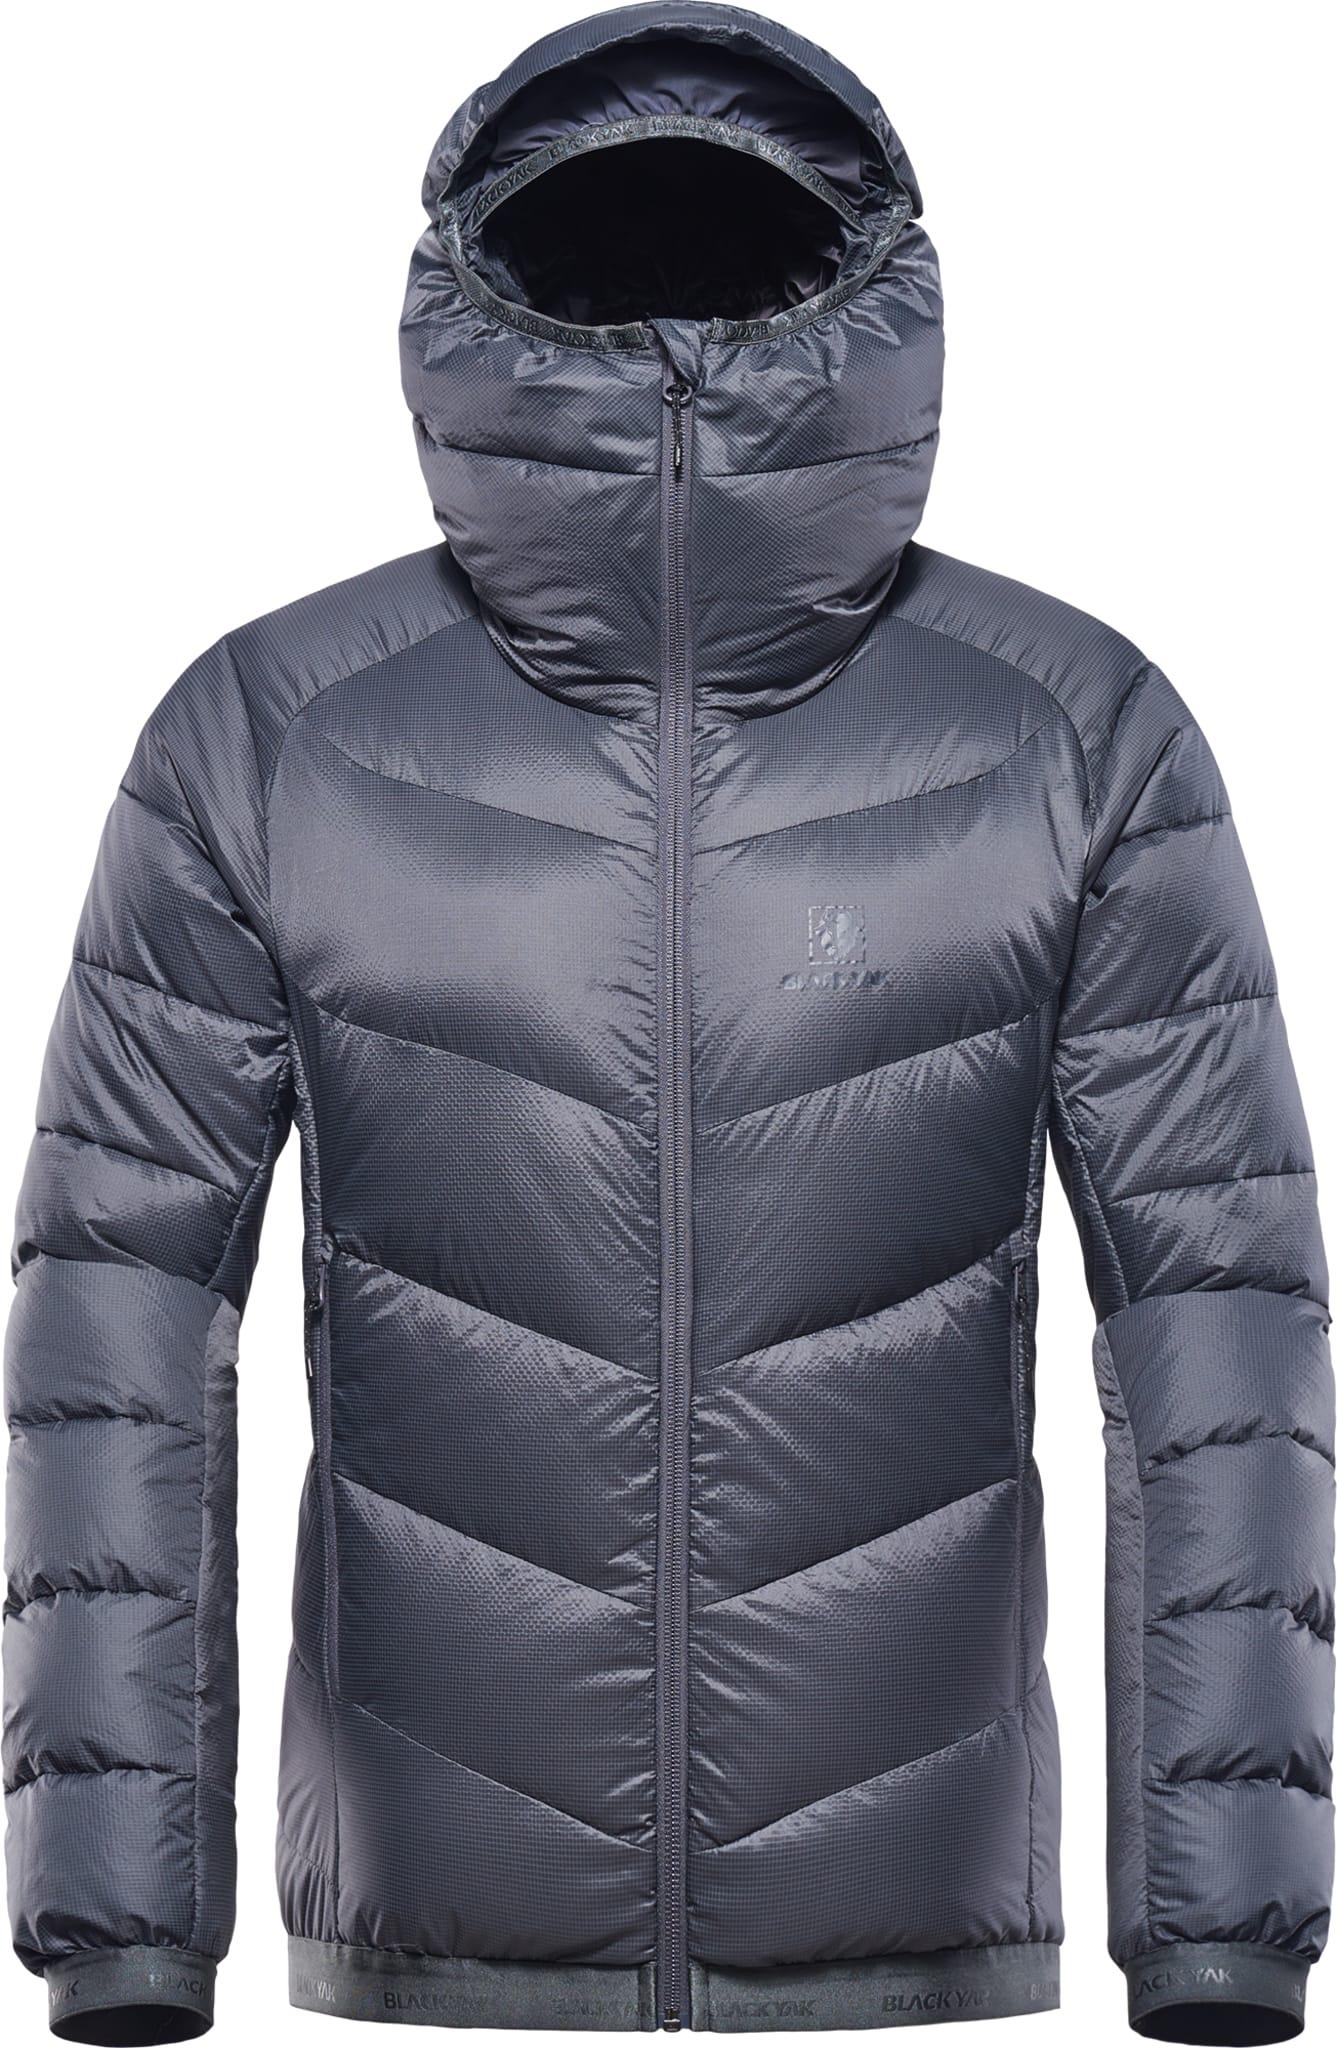 Niata Jacket Ws